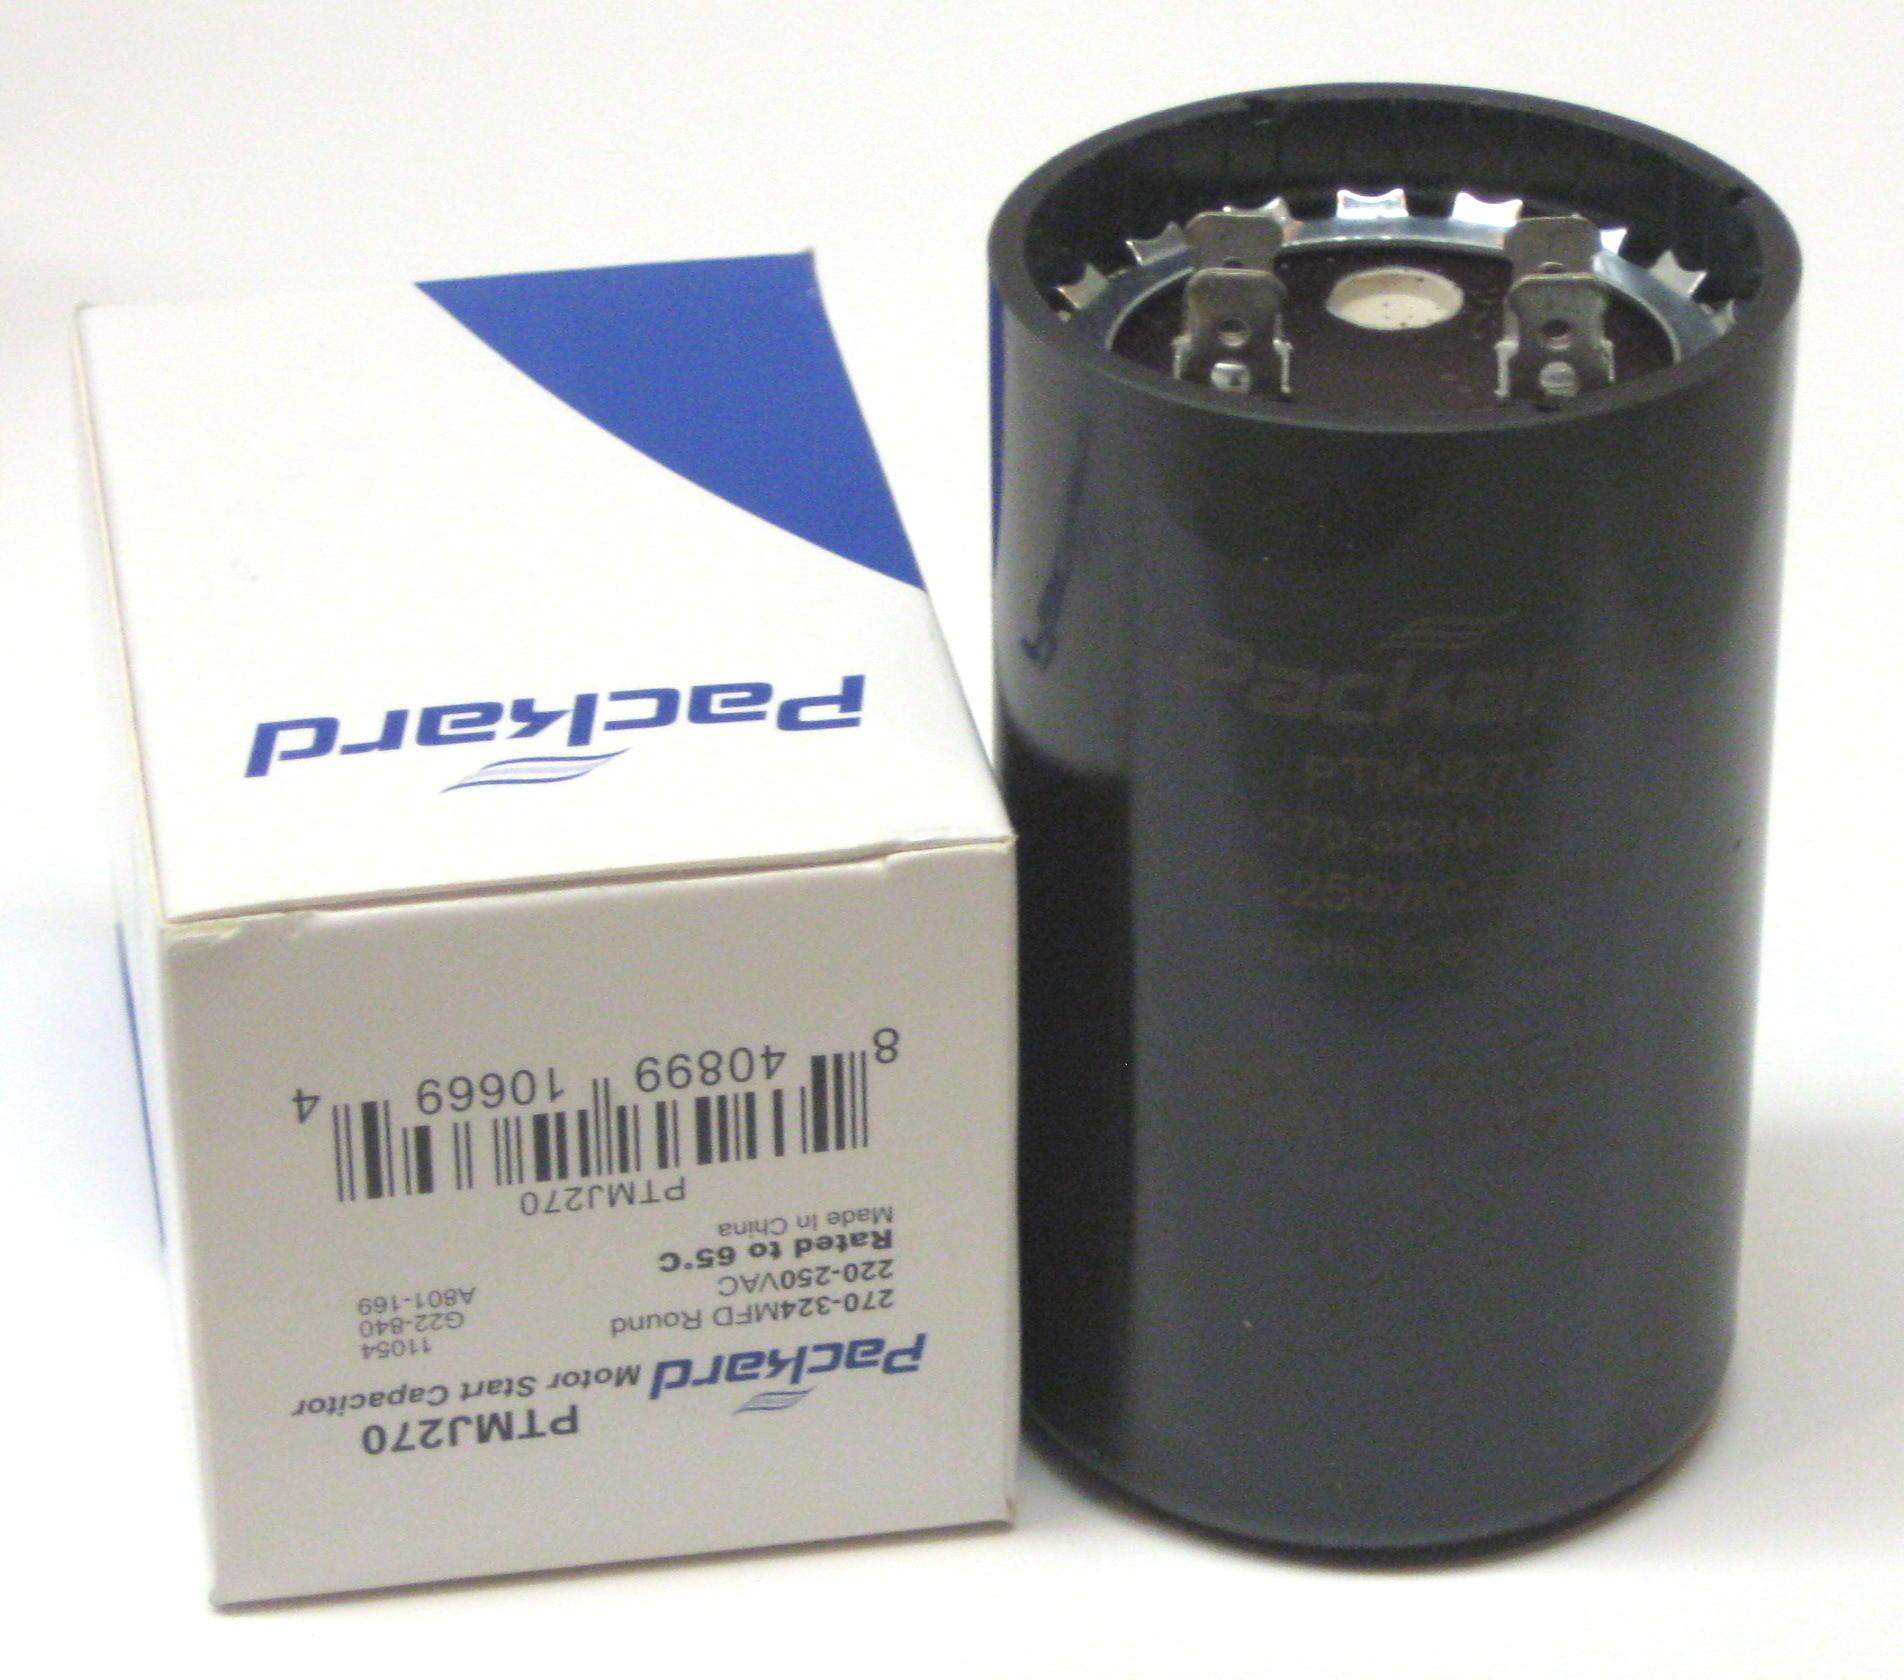 Packard PRMJ270 Motor Start Capacitor 270-324 MFD 330 VAC